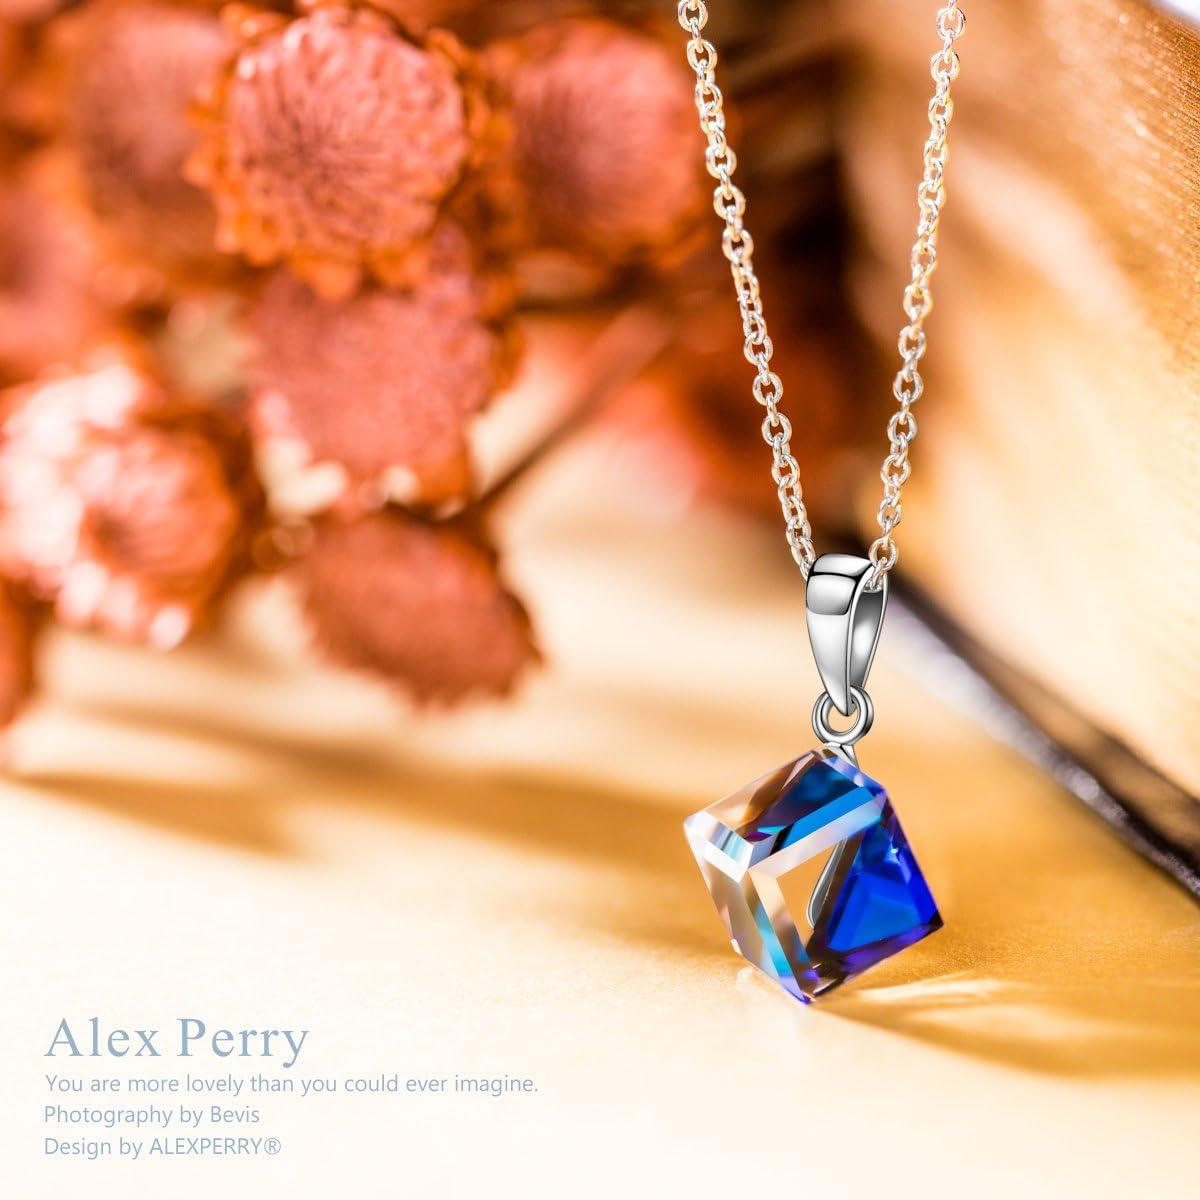 Cristal Aurora Borealis de Swarovski Alex Perry Cadeau de F/ête des M/ères le S/érie de la Belle Vie Argent Sterling 925 Bo/îte-cadeau Exquise Collier//Boucles doreilles pour Femmes